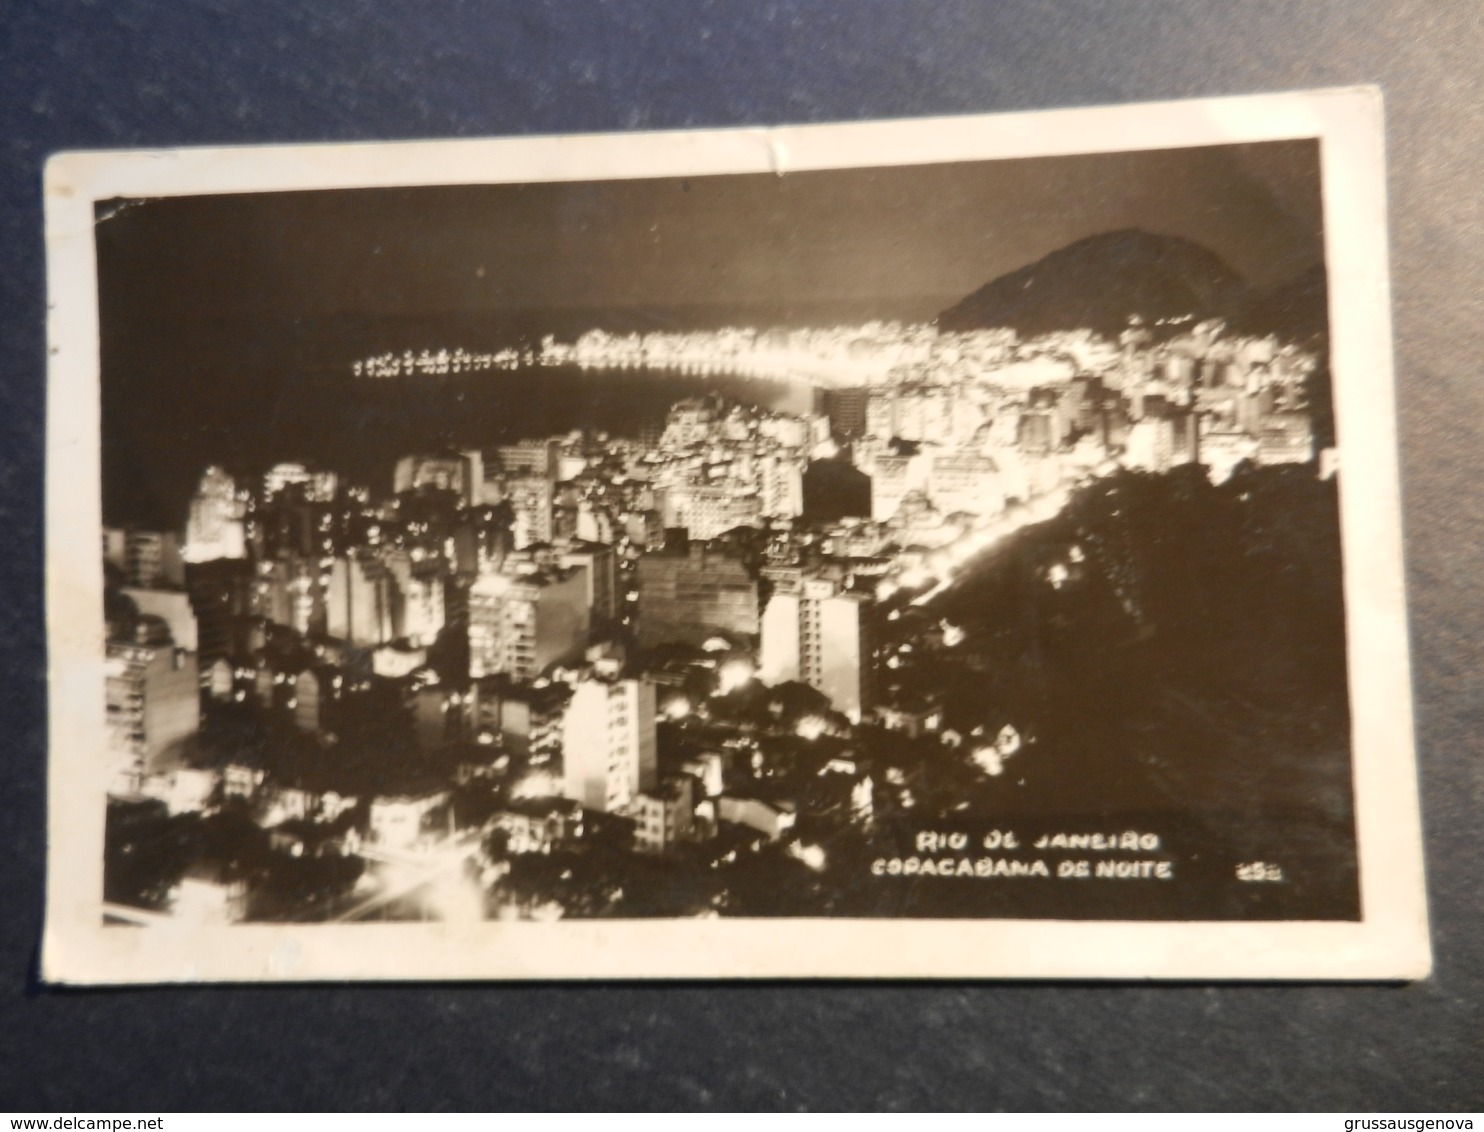 19957) RIO DE JANEIRO COPACABANA DE NOITE NON VIAGGIATA - Rio De Janeiro